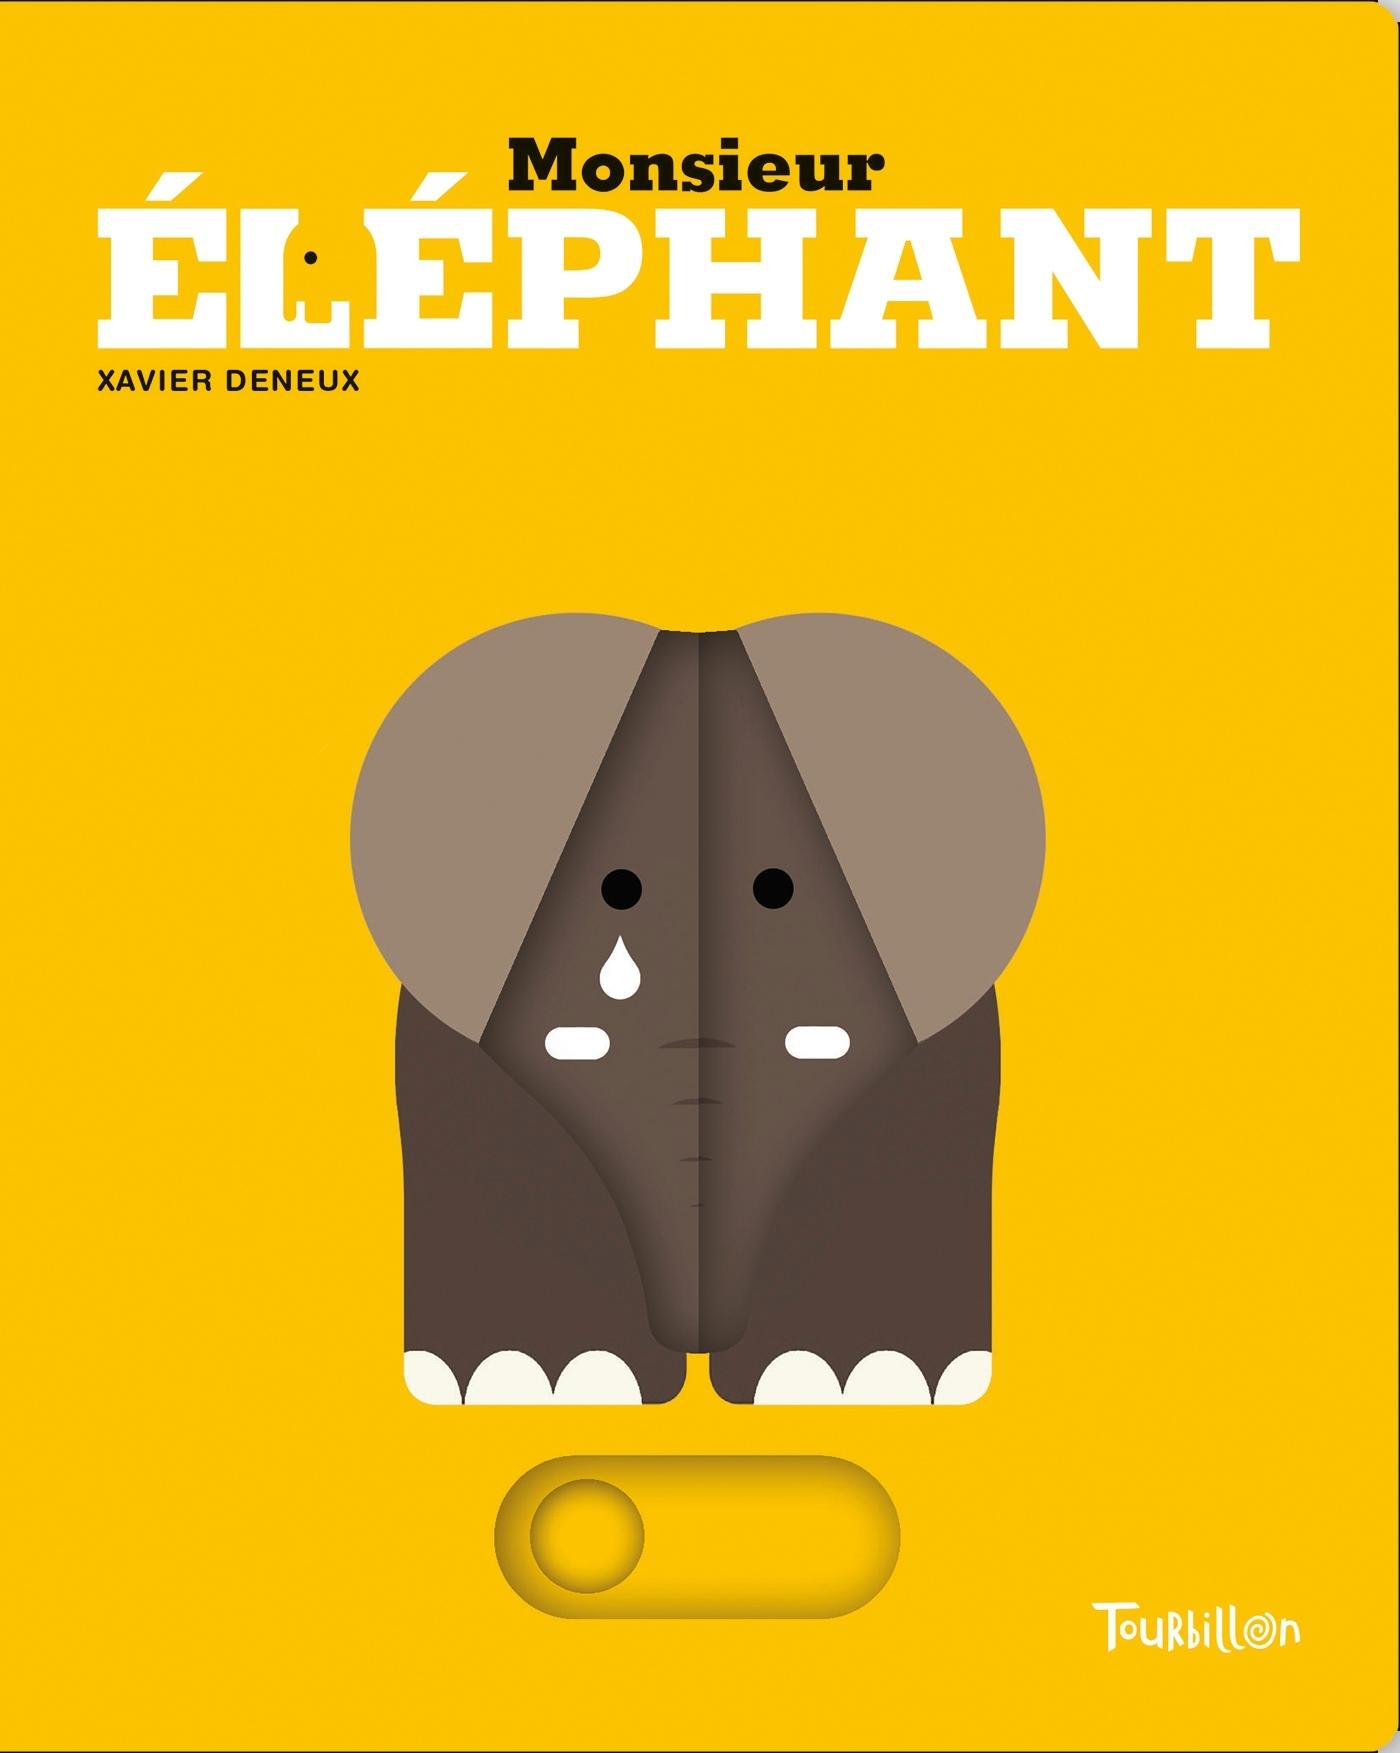 MONSIEUR ELEPHANT